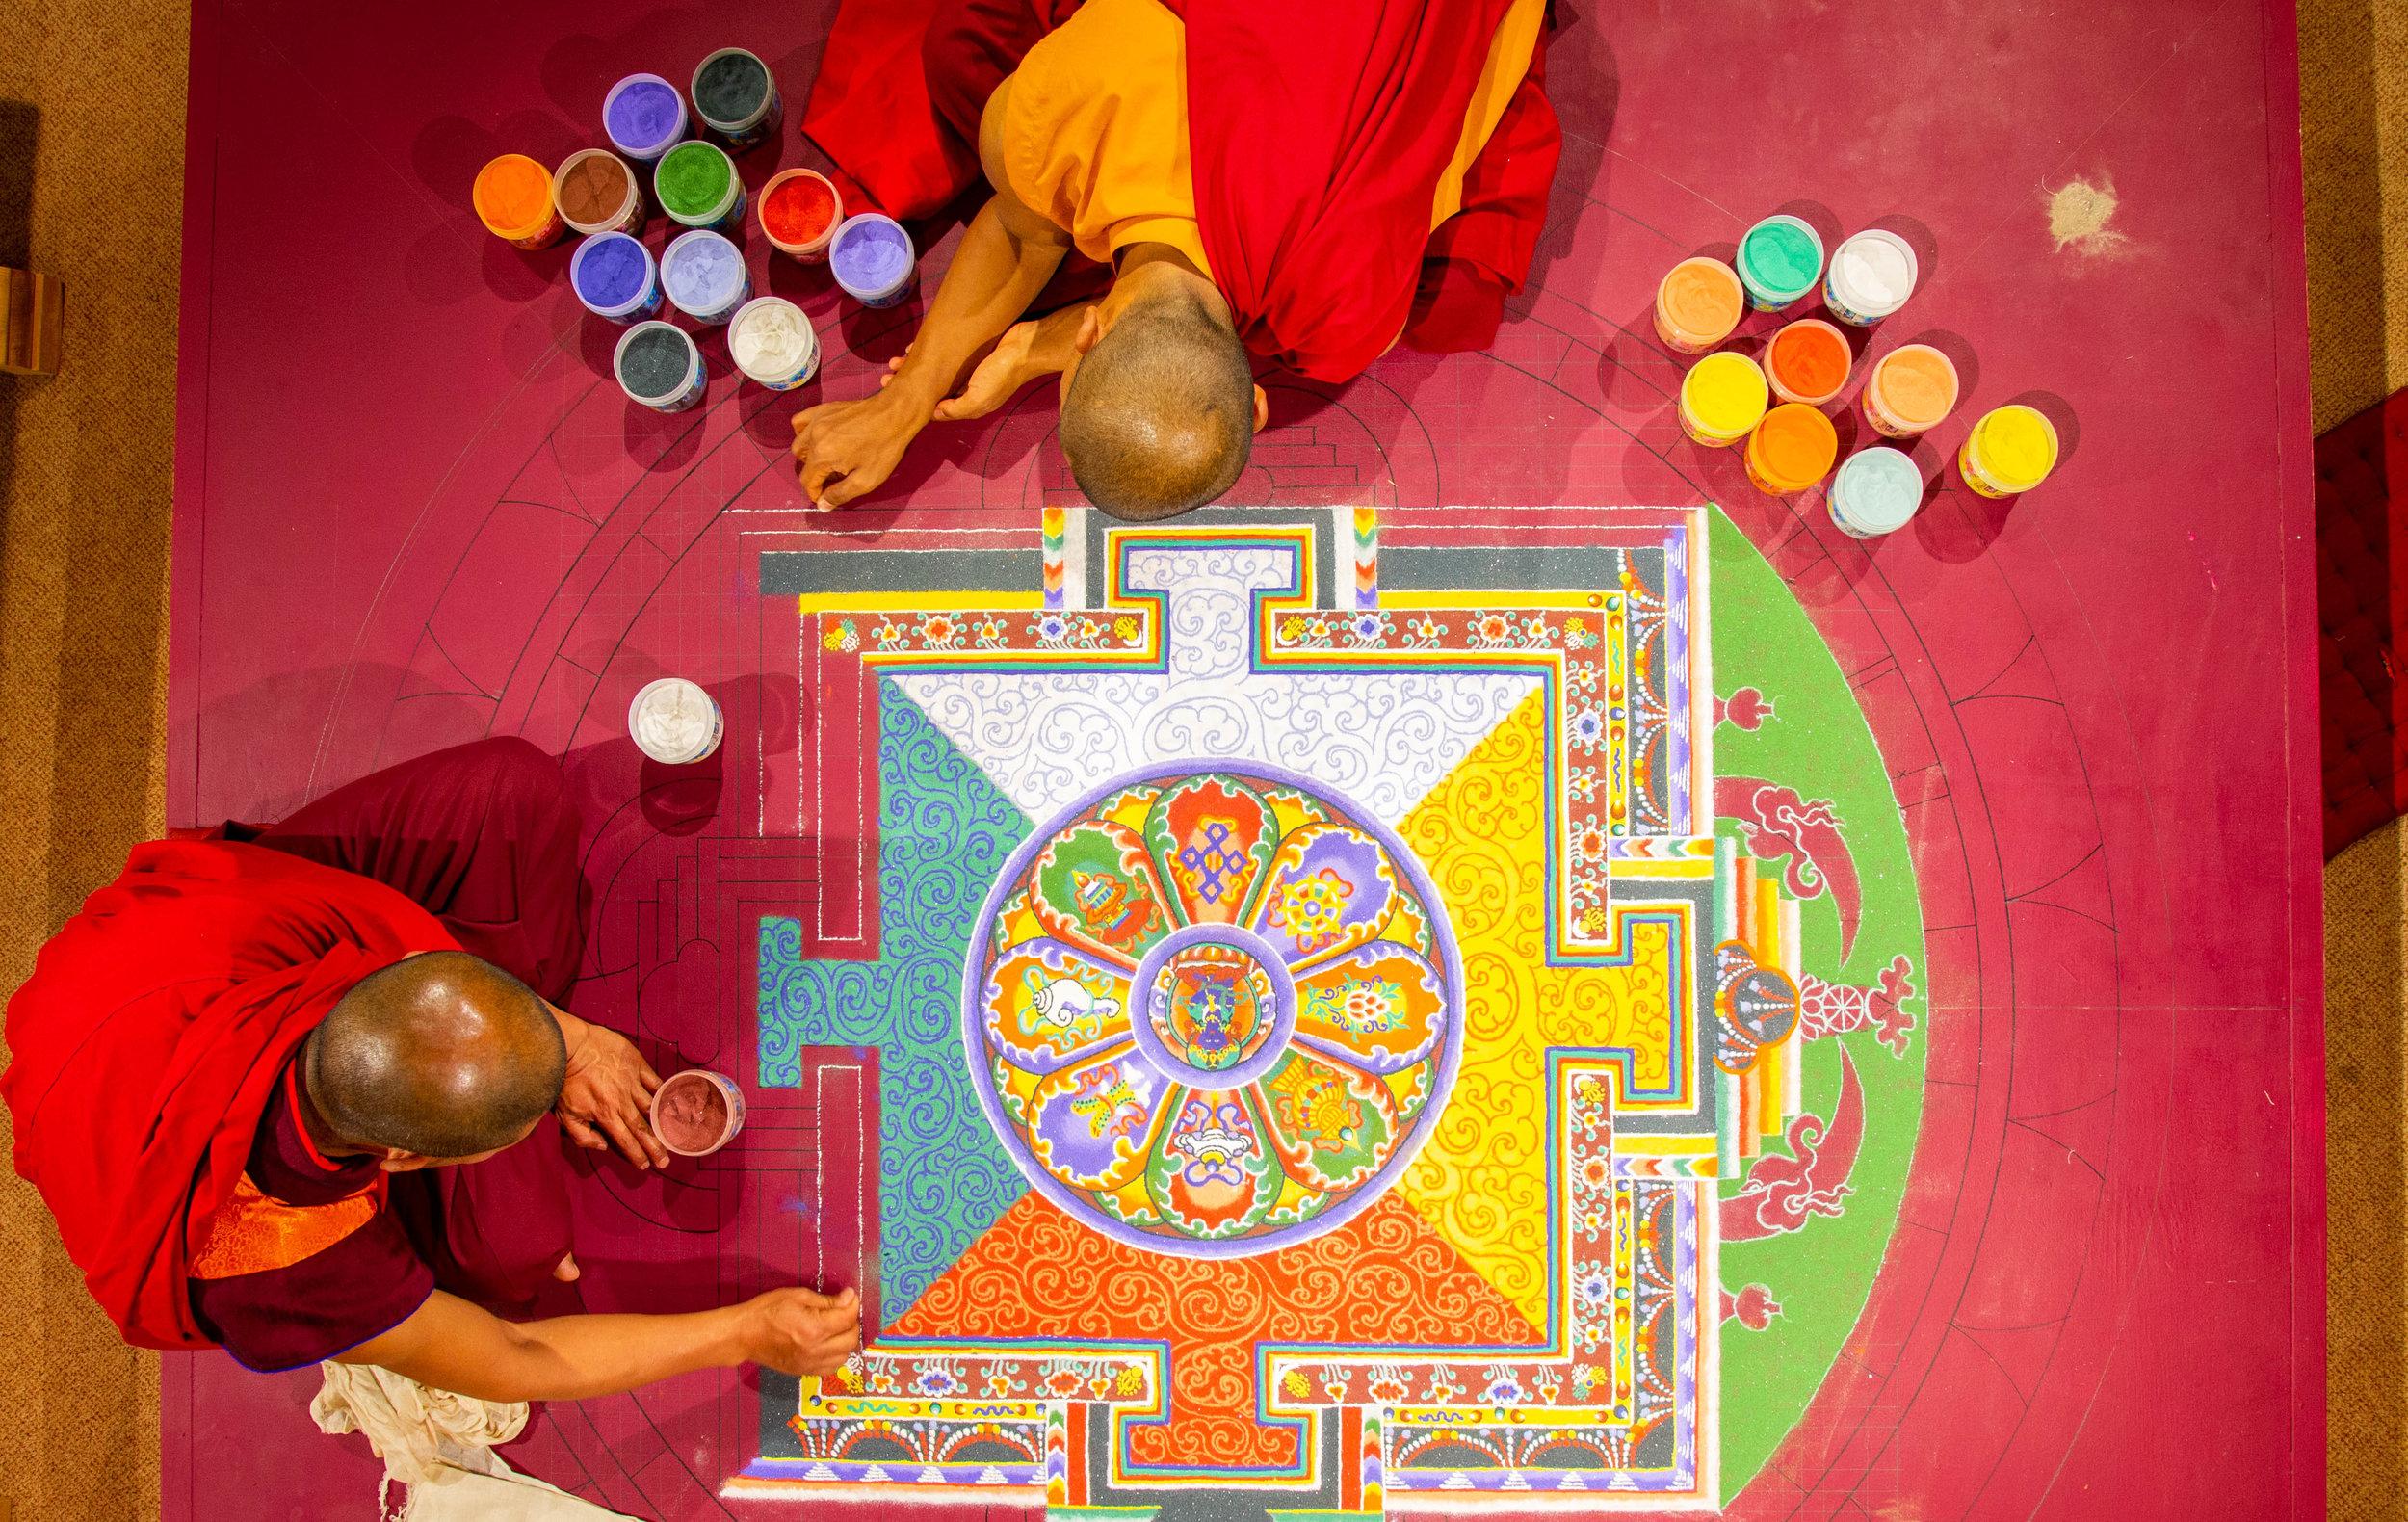 Bhutan_sand_mandala.jpg